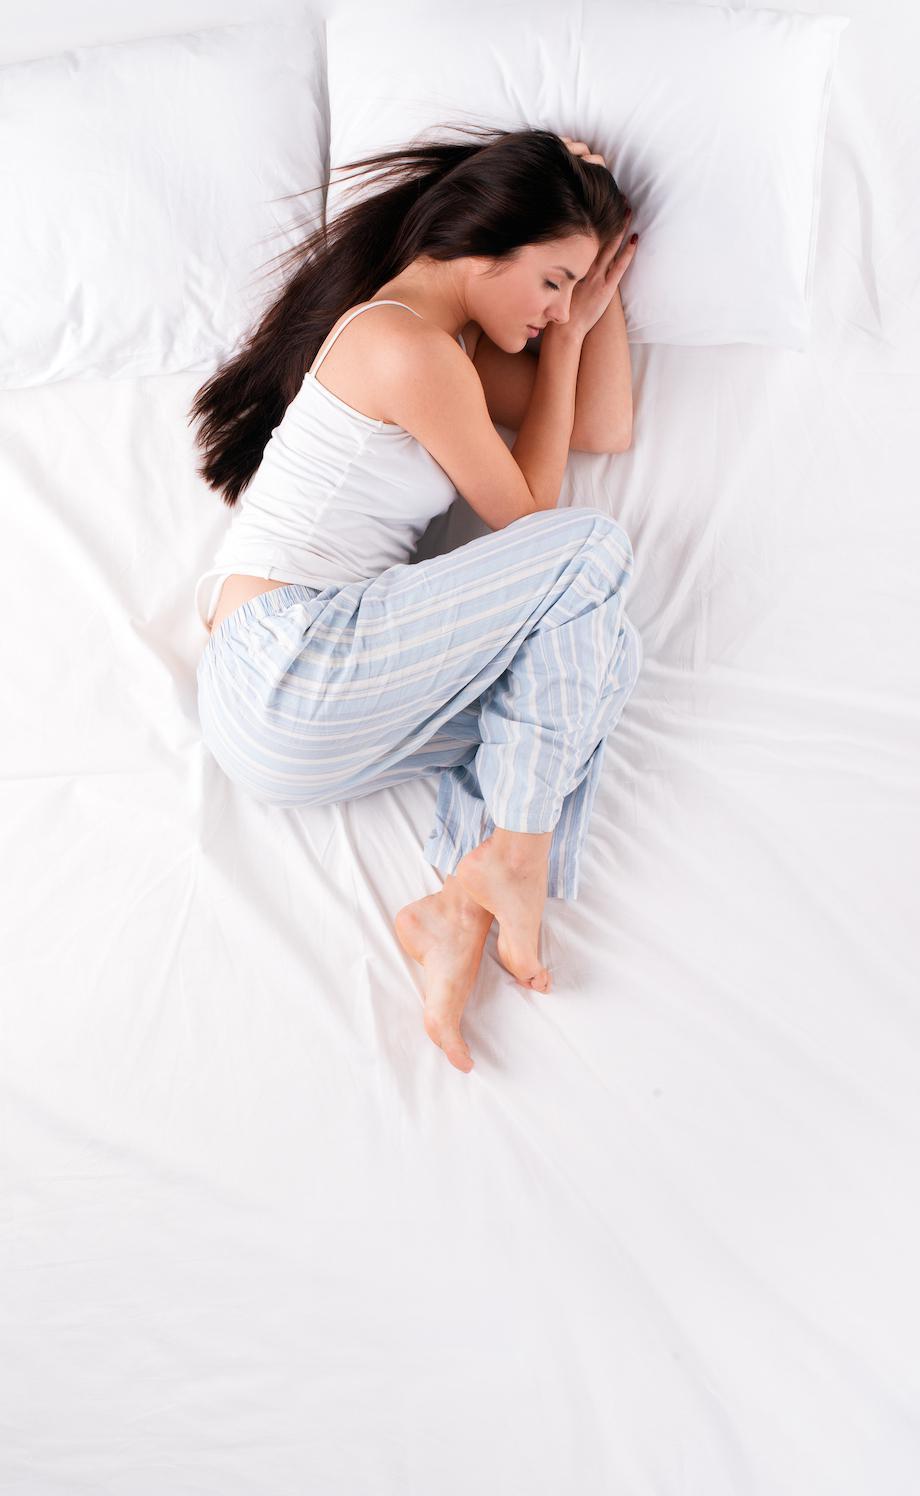 9 sencillas soluciones para arreglar tus problemas de sue o - Soluciones para dormir ...